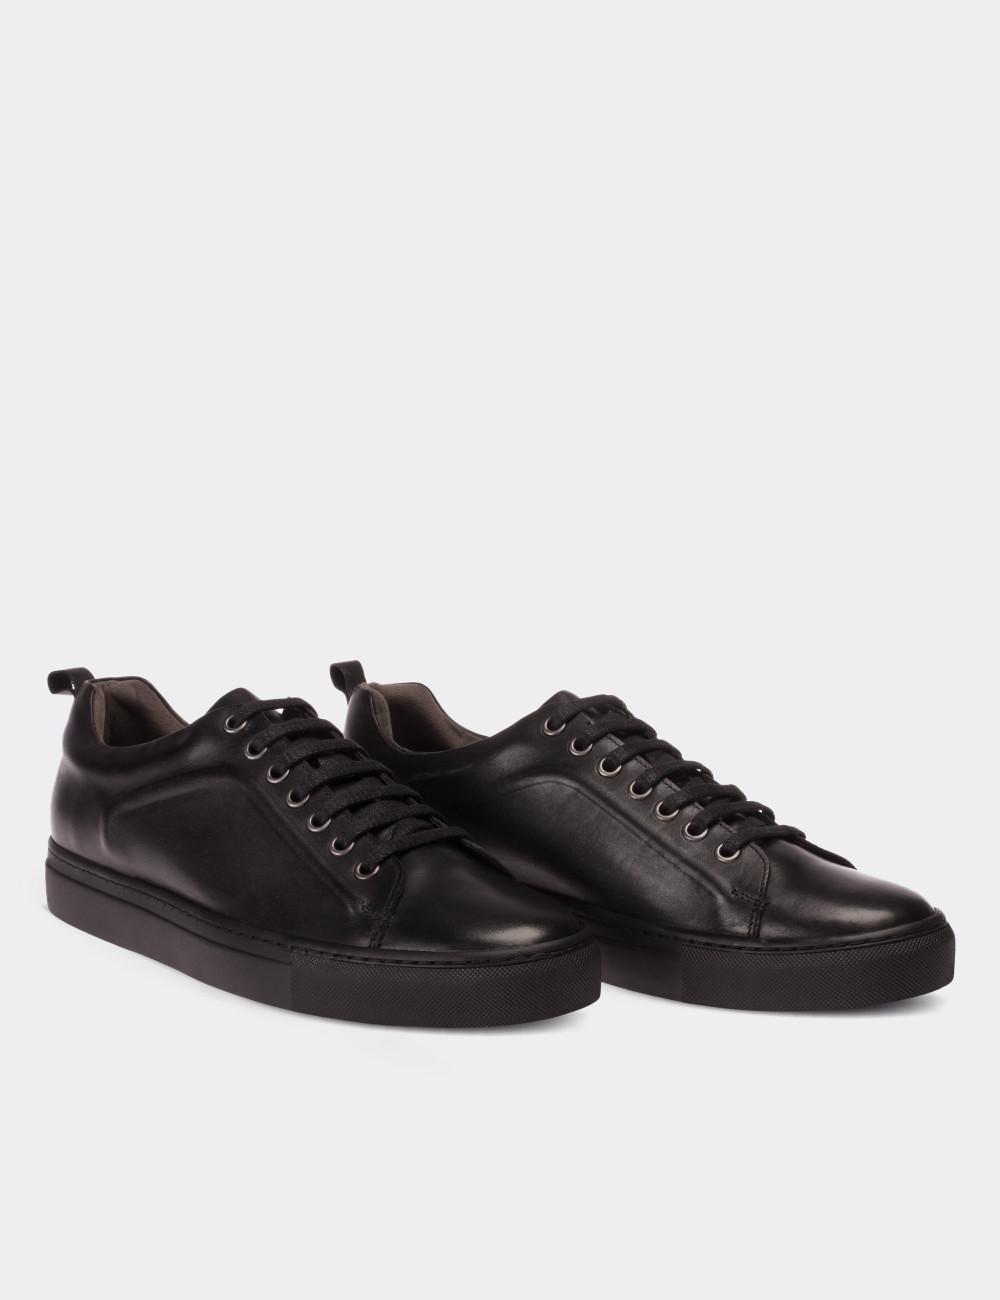 Black Calfskin Leather Sneakers - Deery